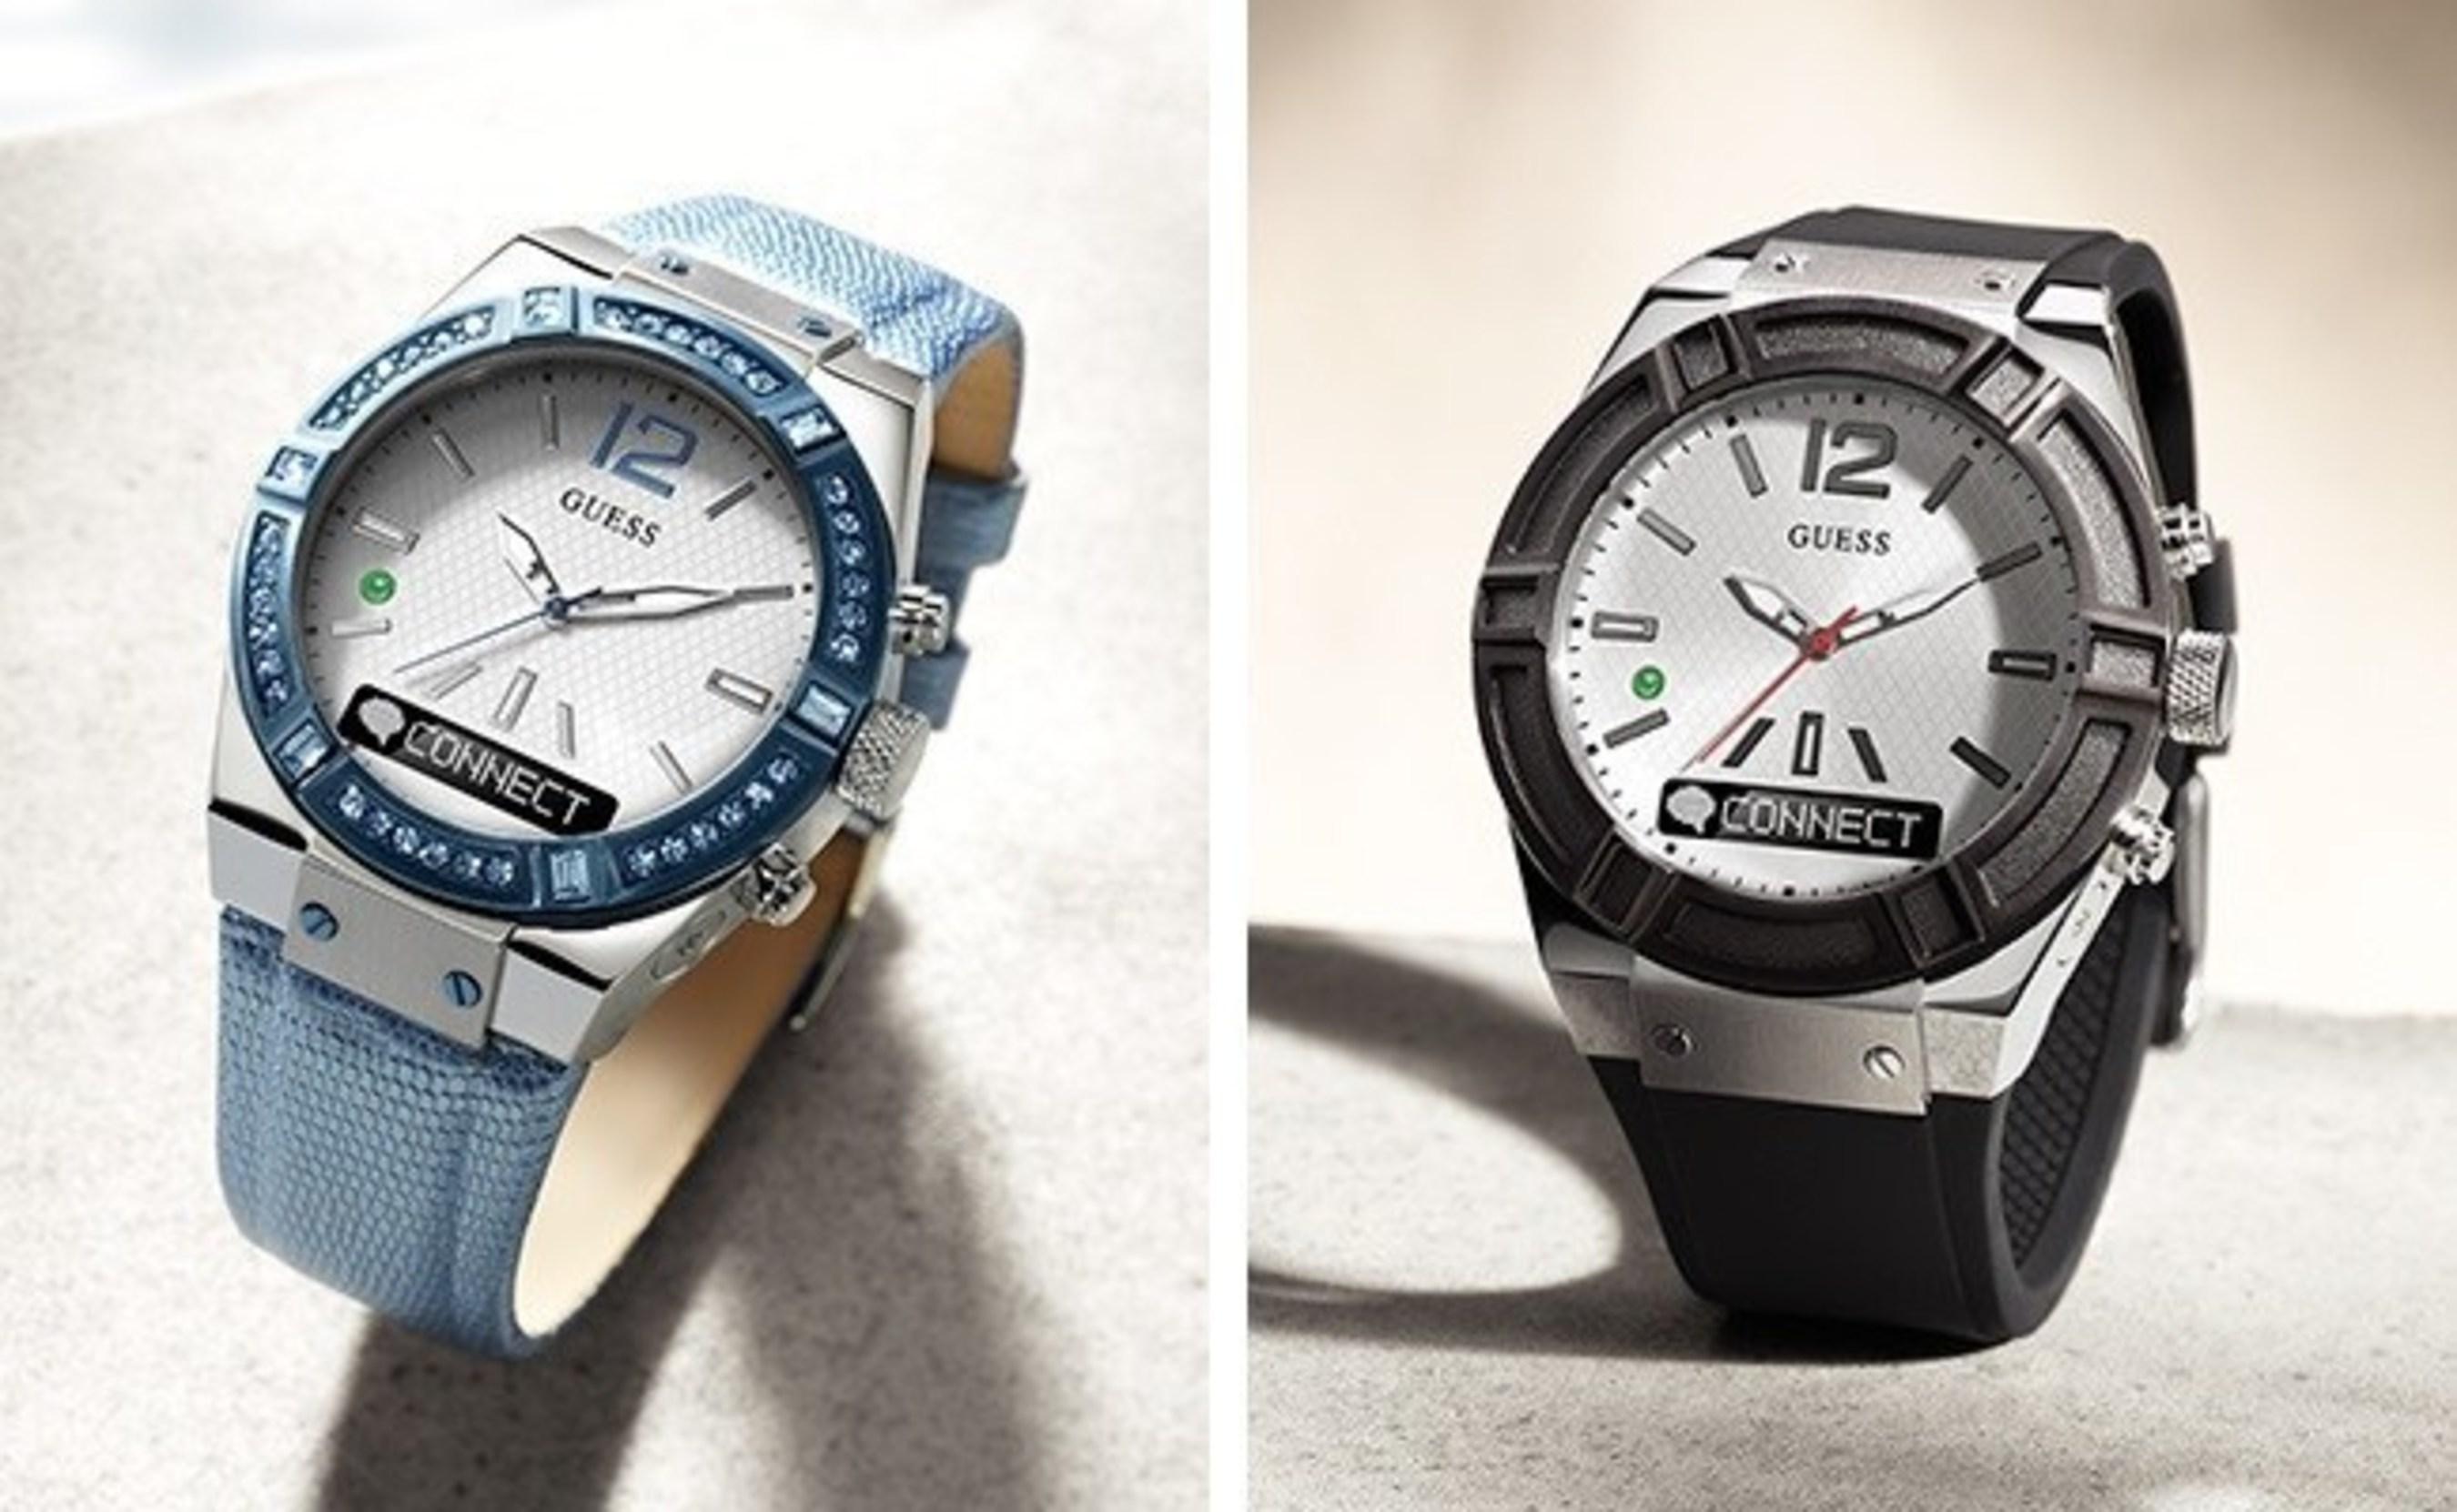 Chytré hodinky GUESS CONNECT vycházejí v kombinaci svěžích barev pro přicházející jaro